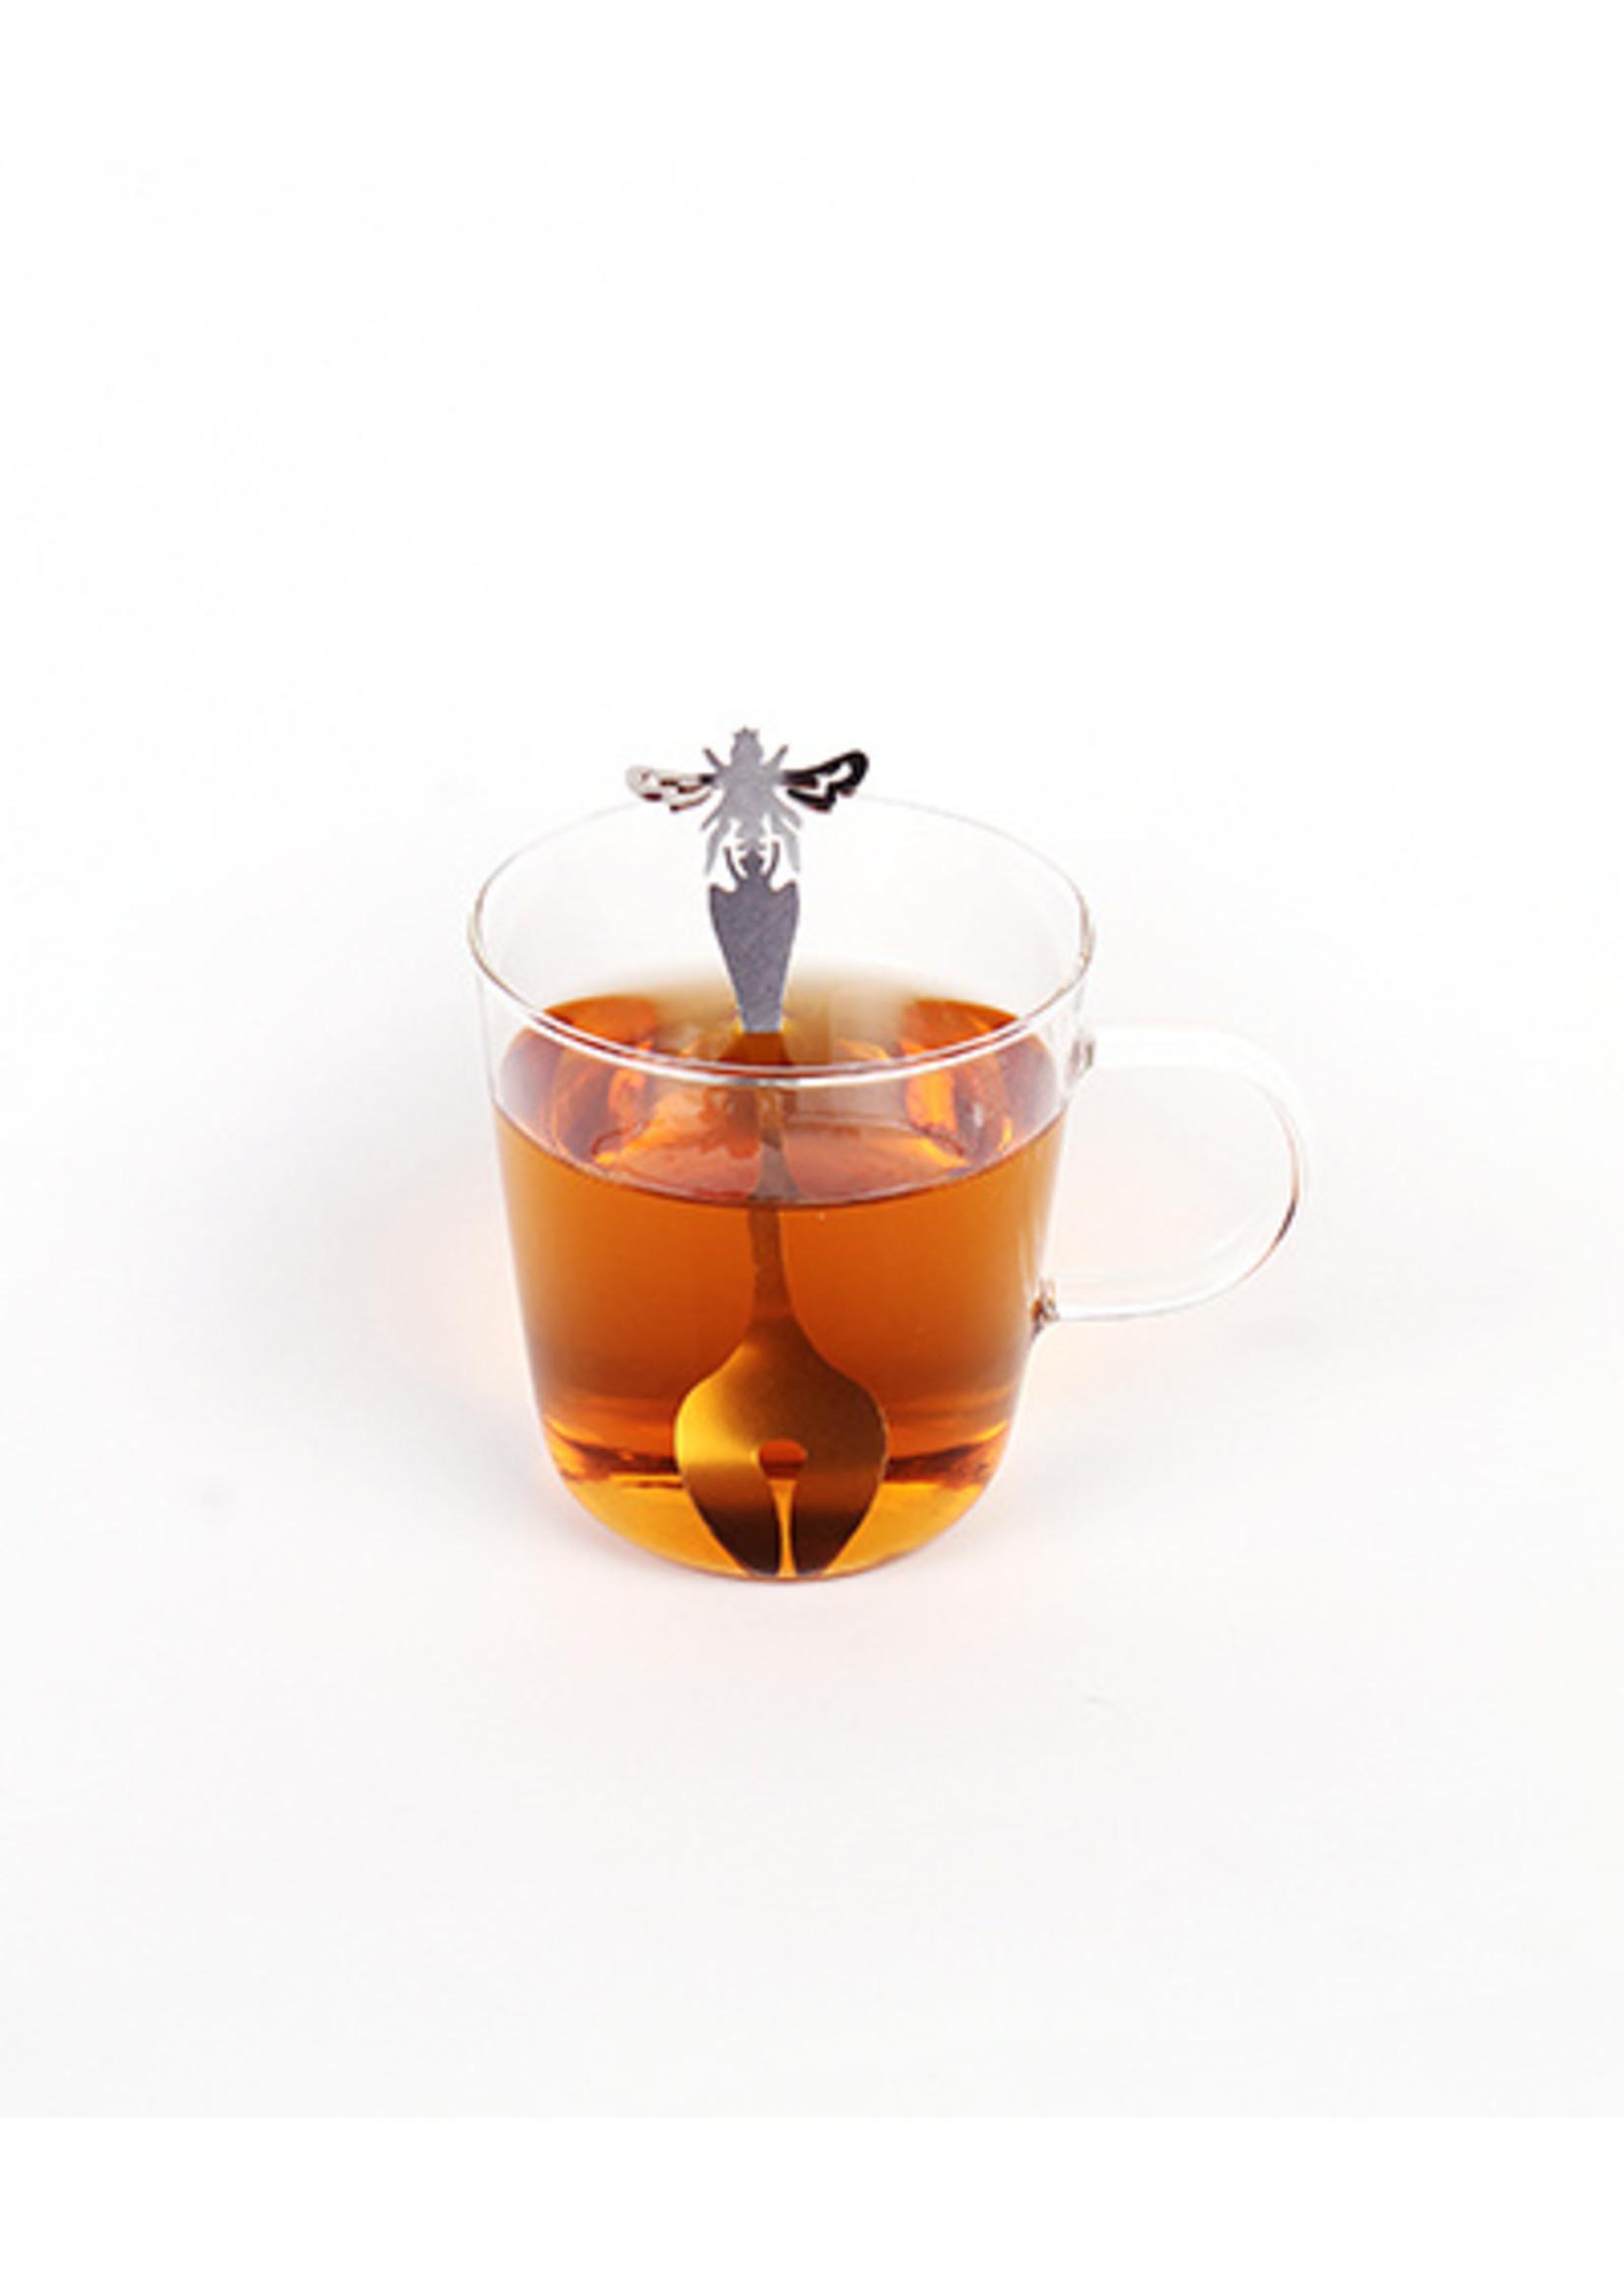 Honinglepel van Studio DaG